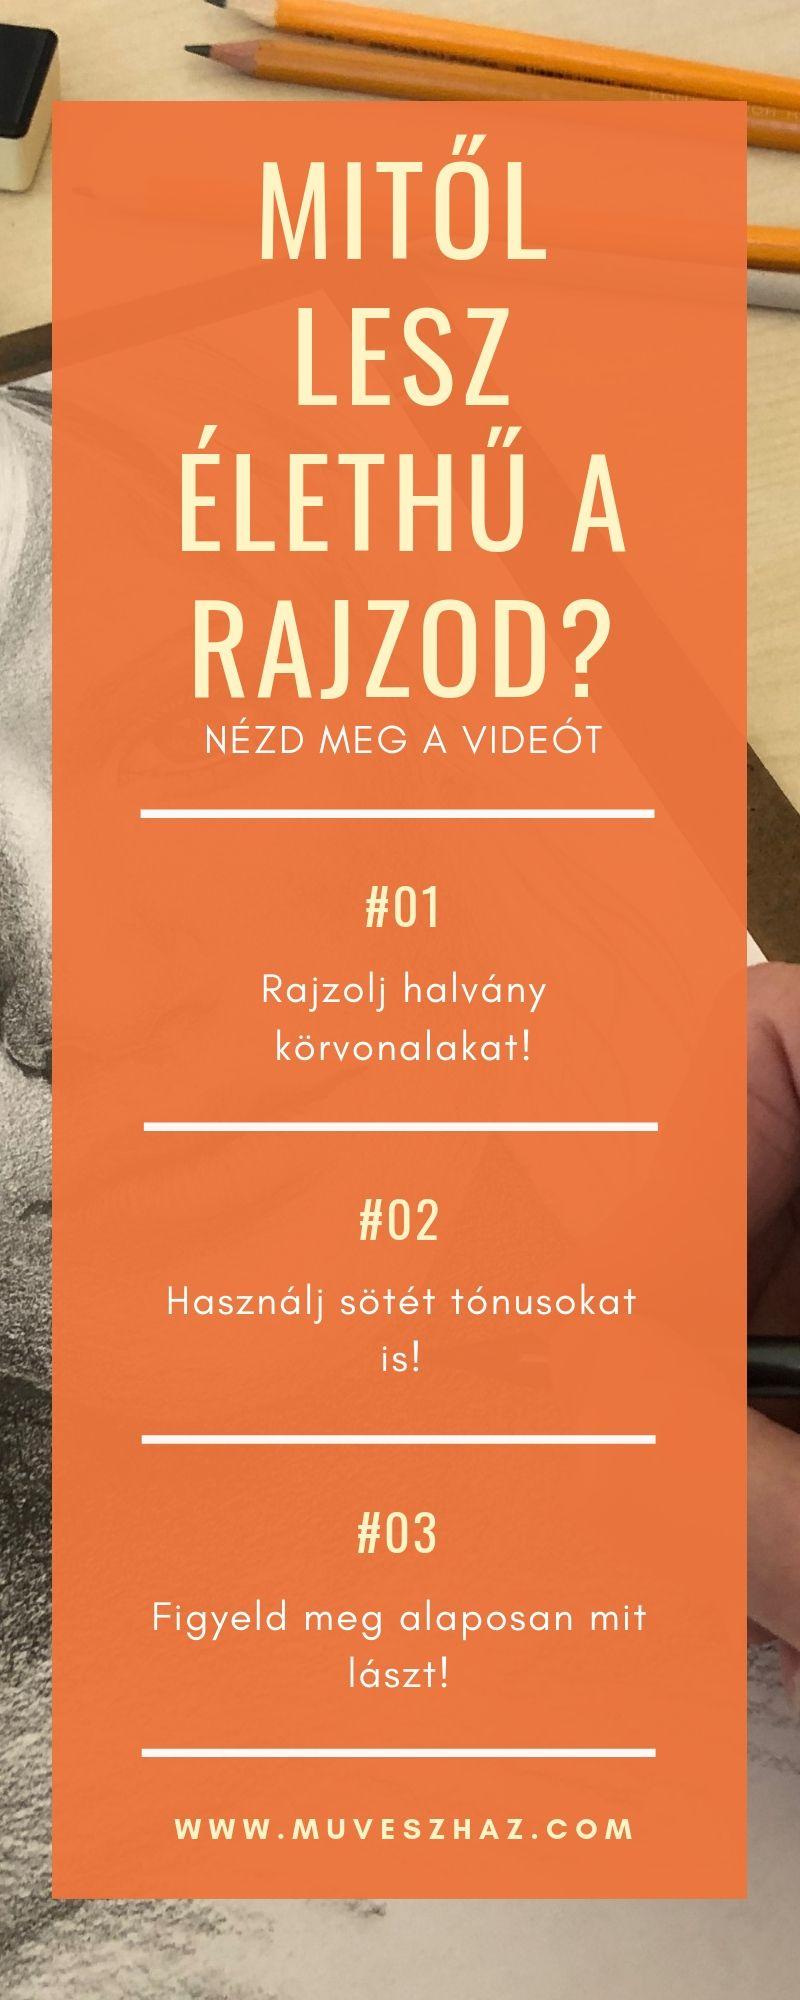 szemszerkezet-anatómia jó látású videóval)